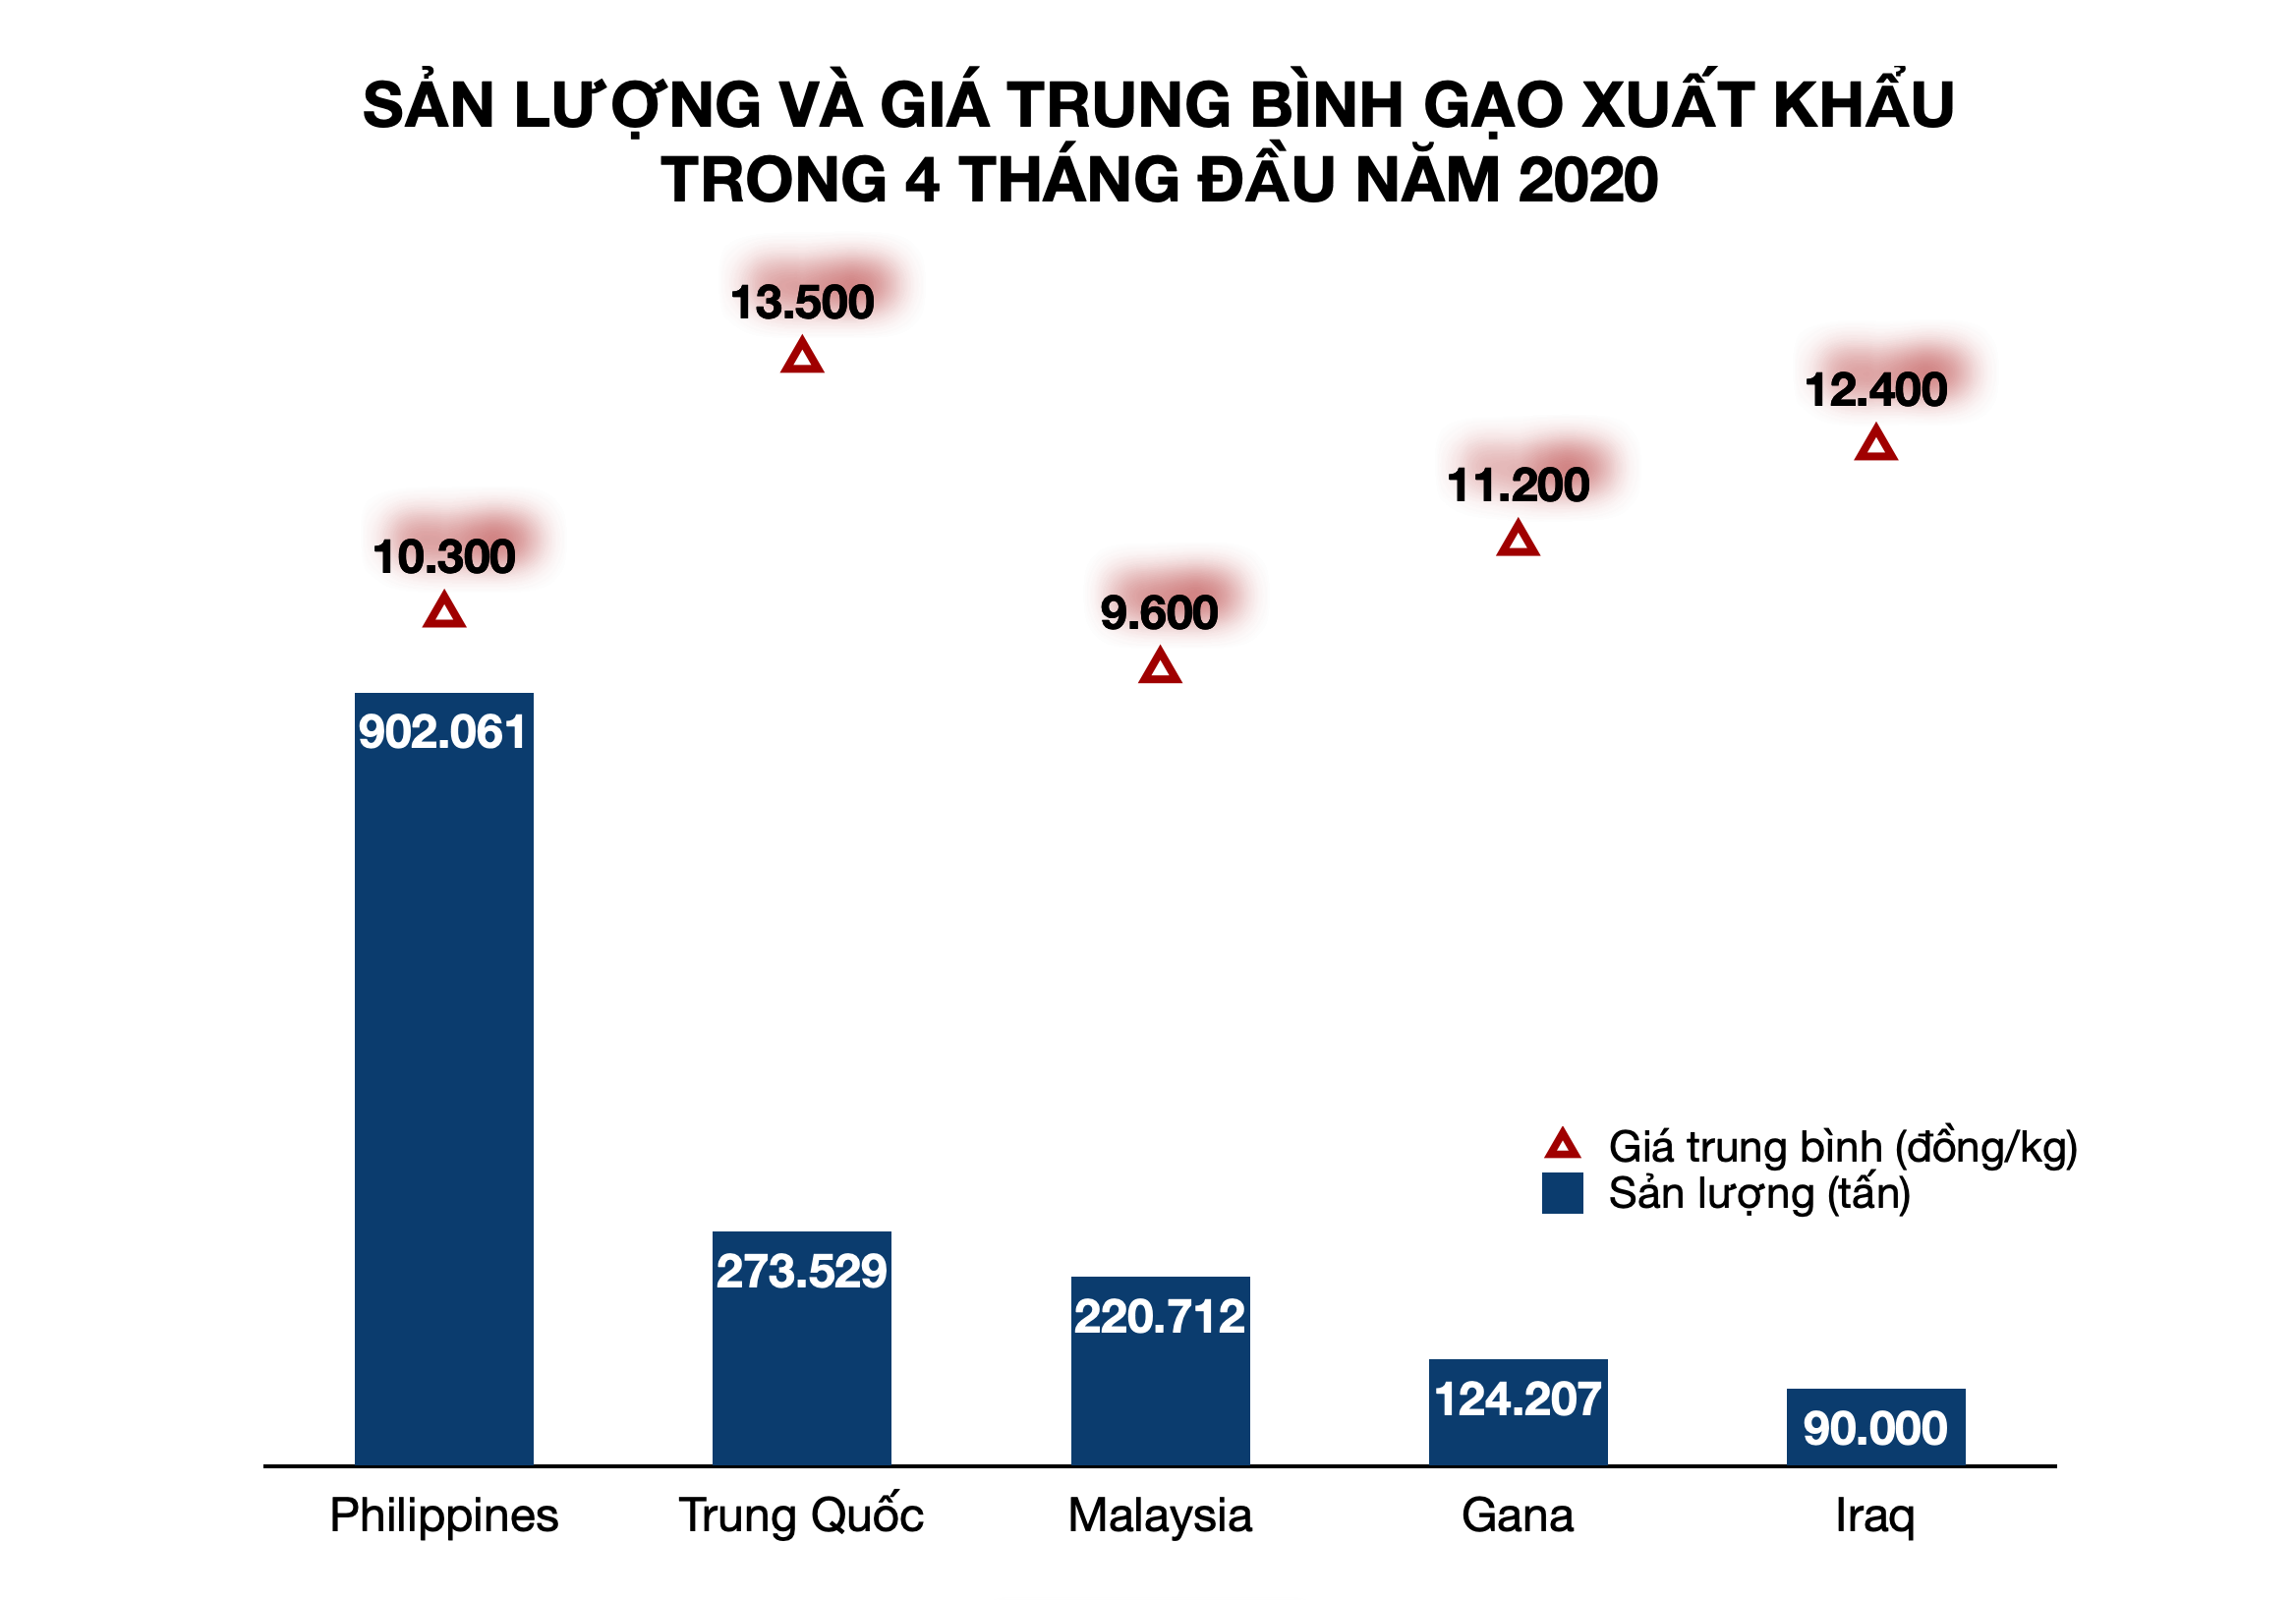 Gạo Việt Nam xuất khẩu 11.000 đồng/kg khiến gạo Thái Lan rớt giá kỉ lục - Ảnh 3.